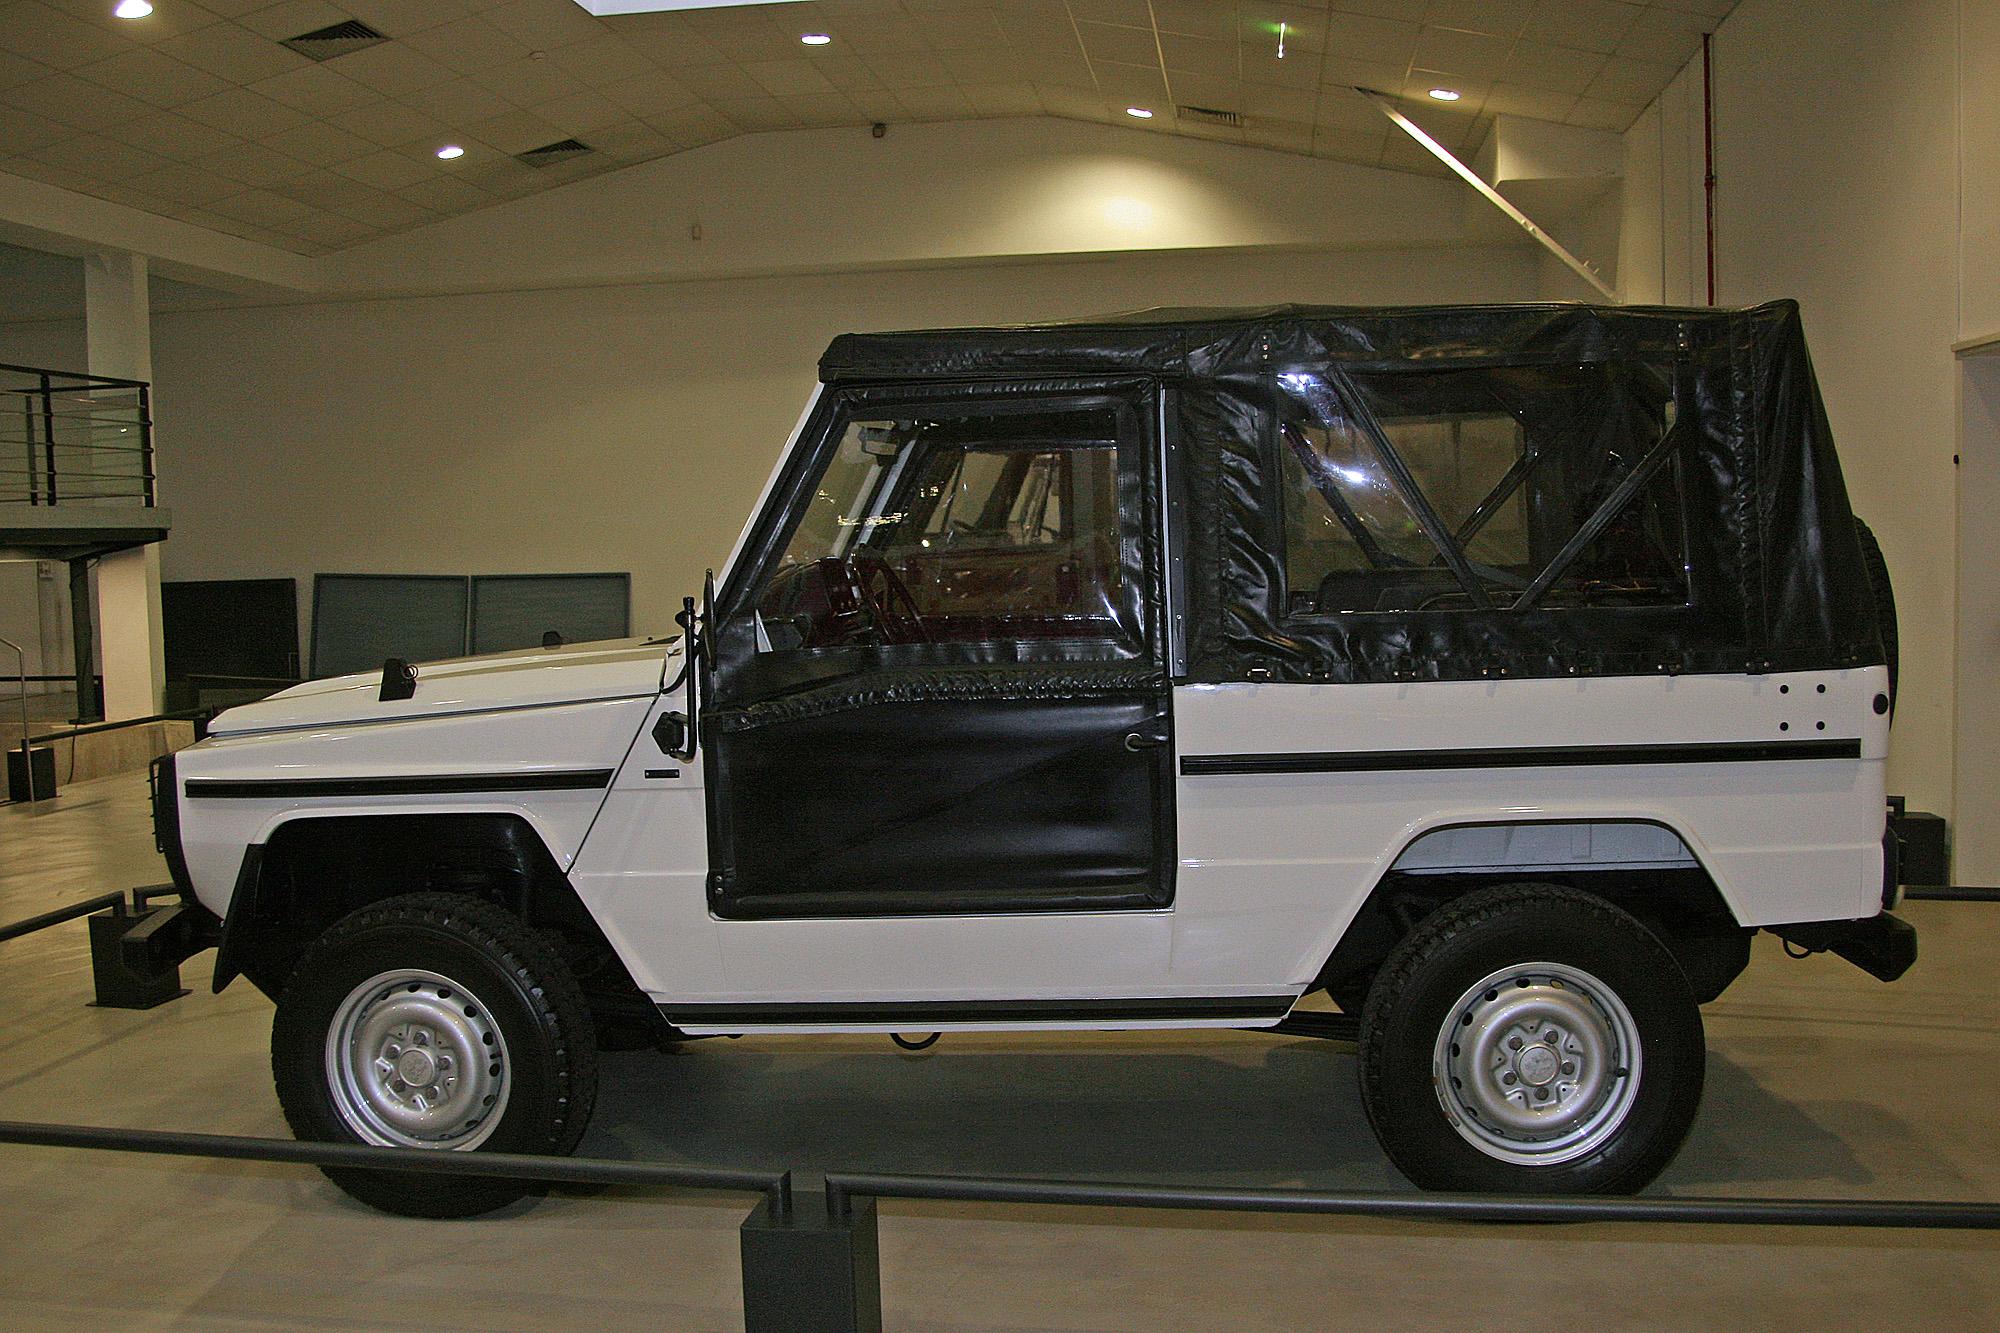 Remplacement Peugeot P4 >> Description Du Vehicule Peugeot P4 Encyclopedie Automobile